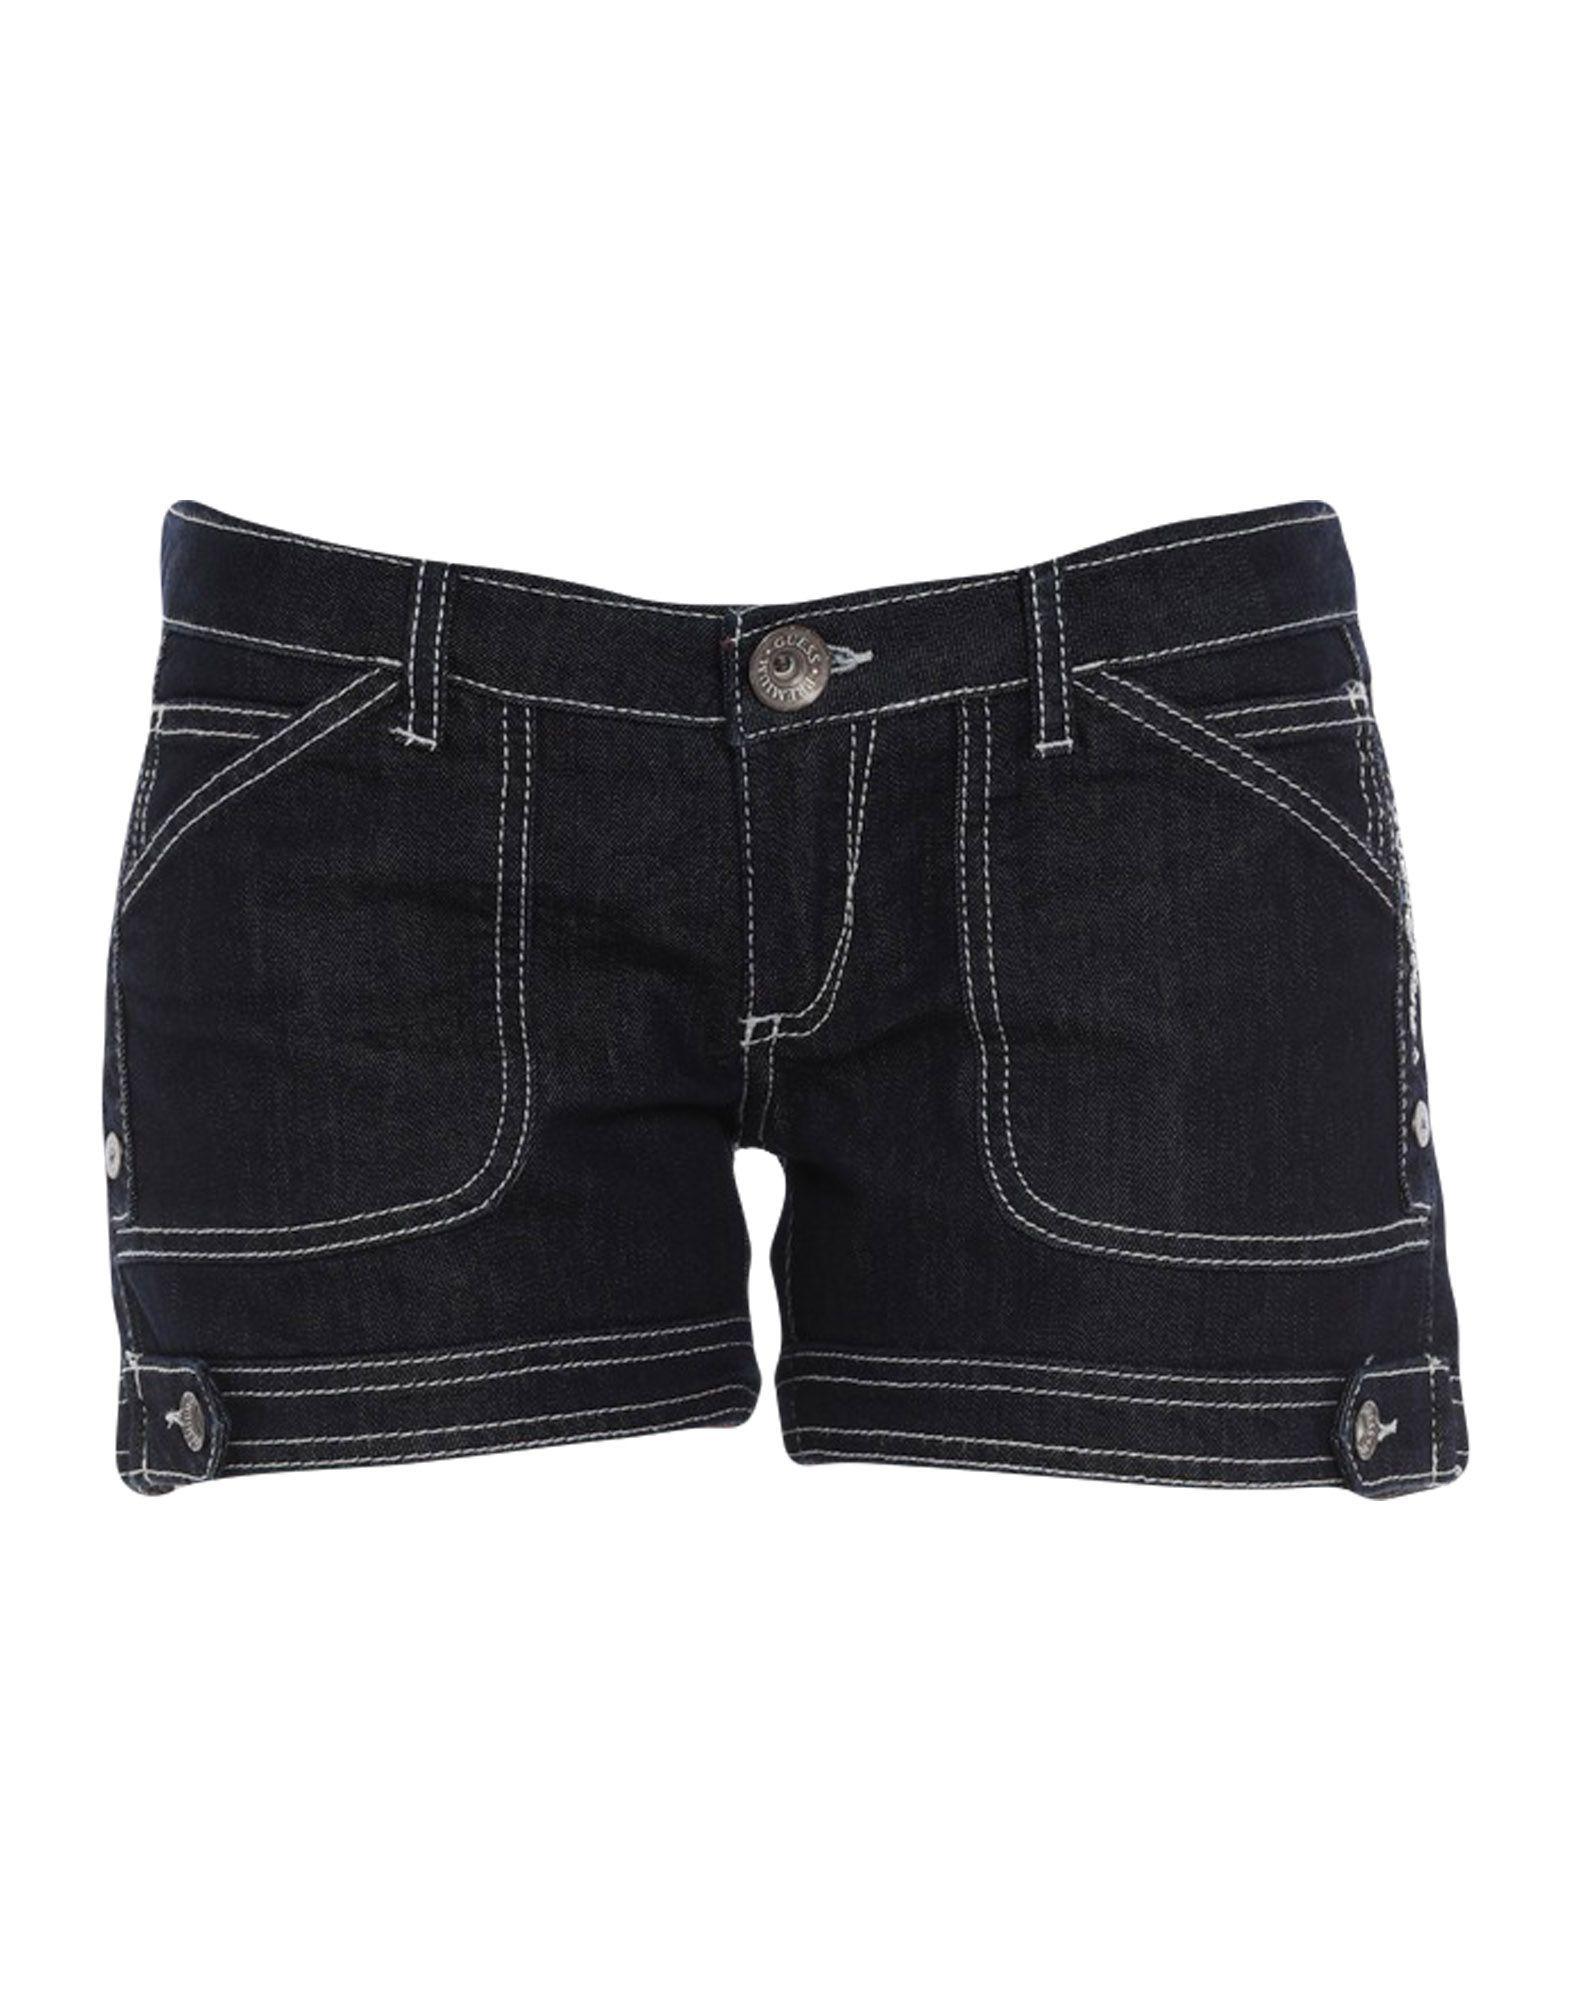 GUESS Джинсовые шорты guess jeans джинсовые шорты page href